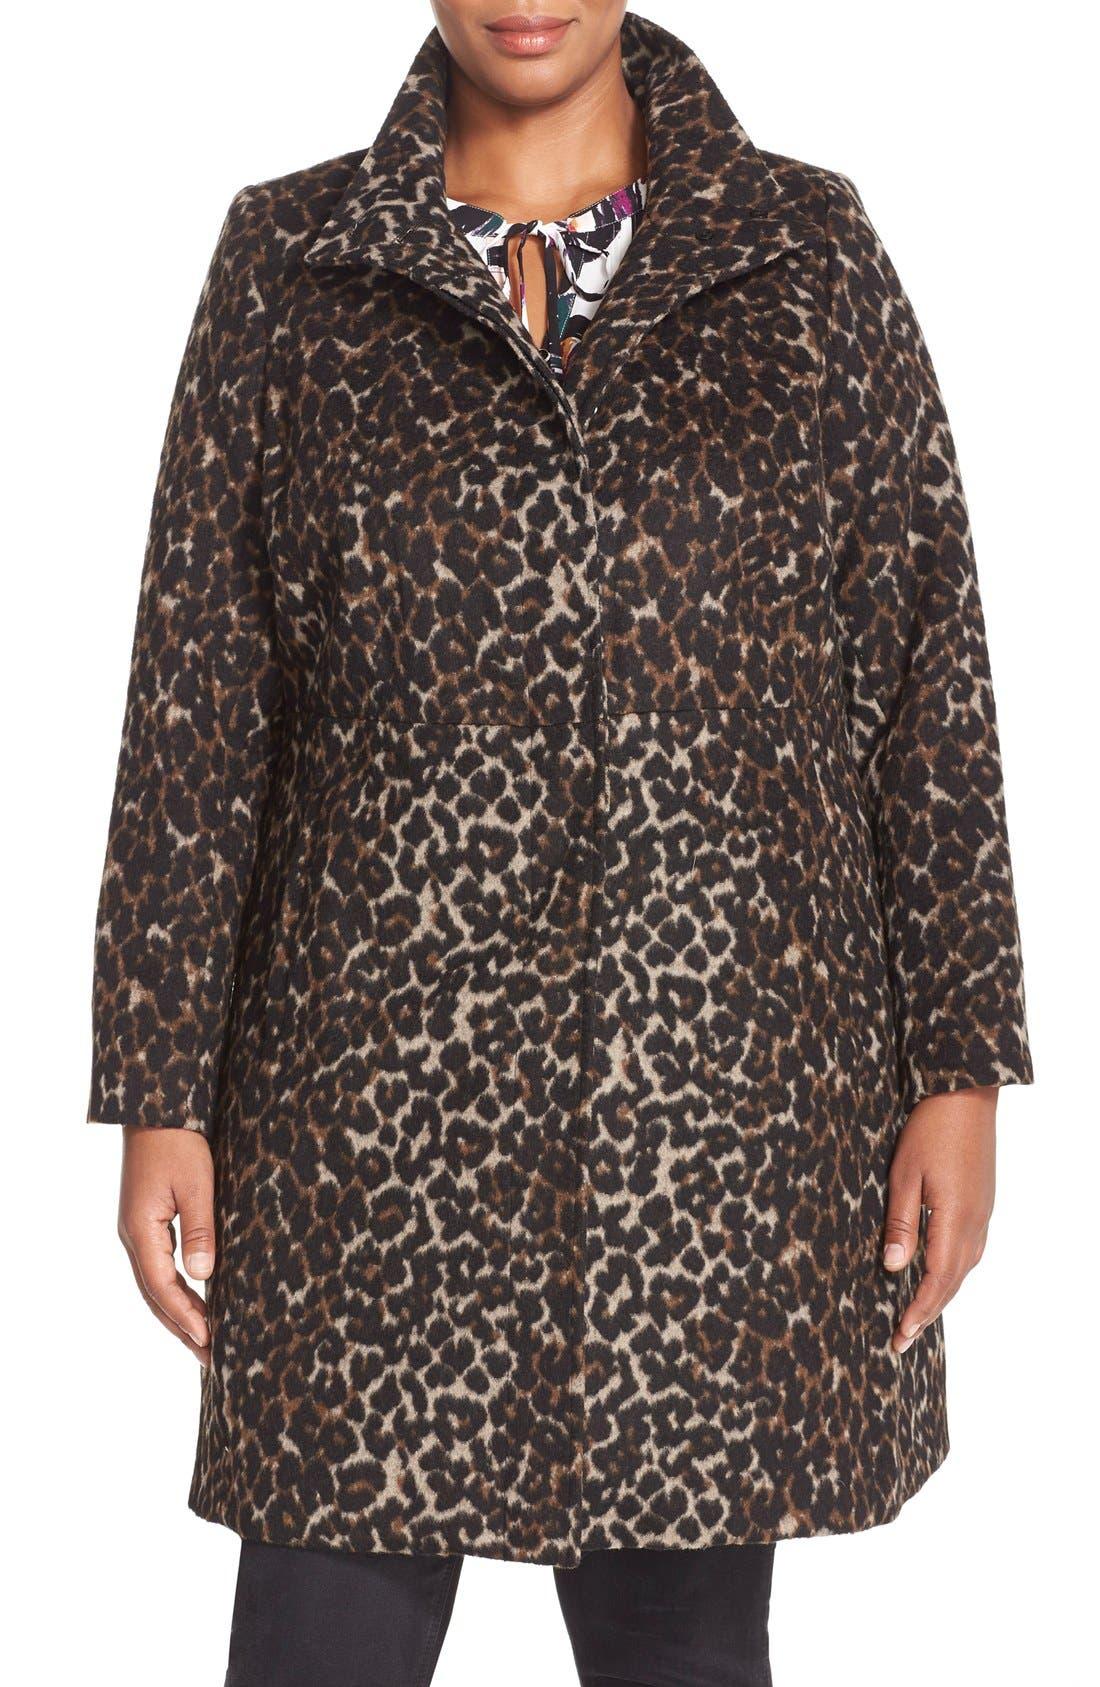 VIA SPIGA Leopard Print Stand Collar Coat, Main, color, 250